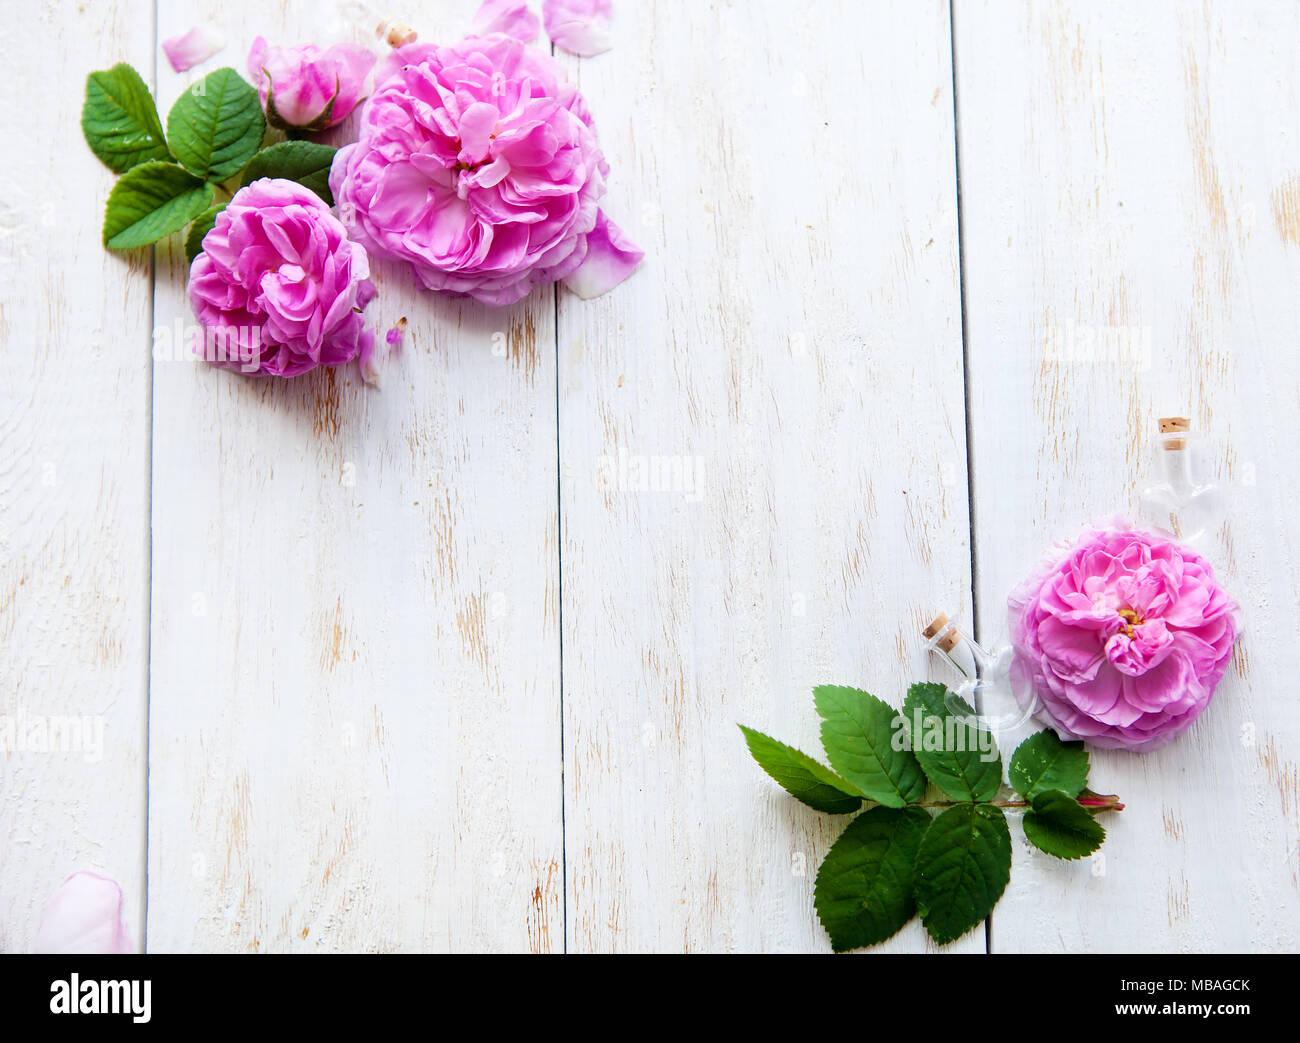 Runde Rahmen aus Rosen, grüne Blätter, Zweige auf weißem Hintergrund ...